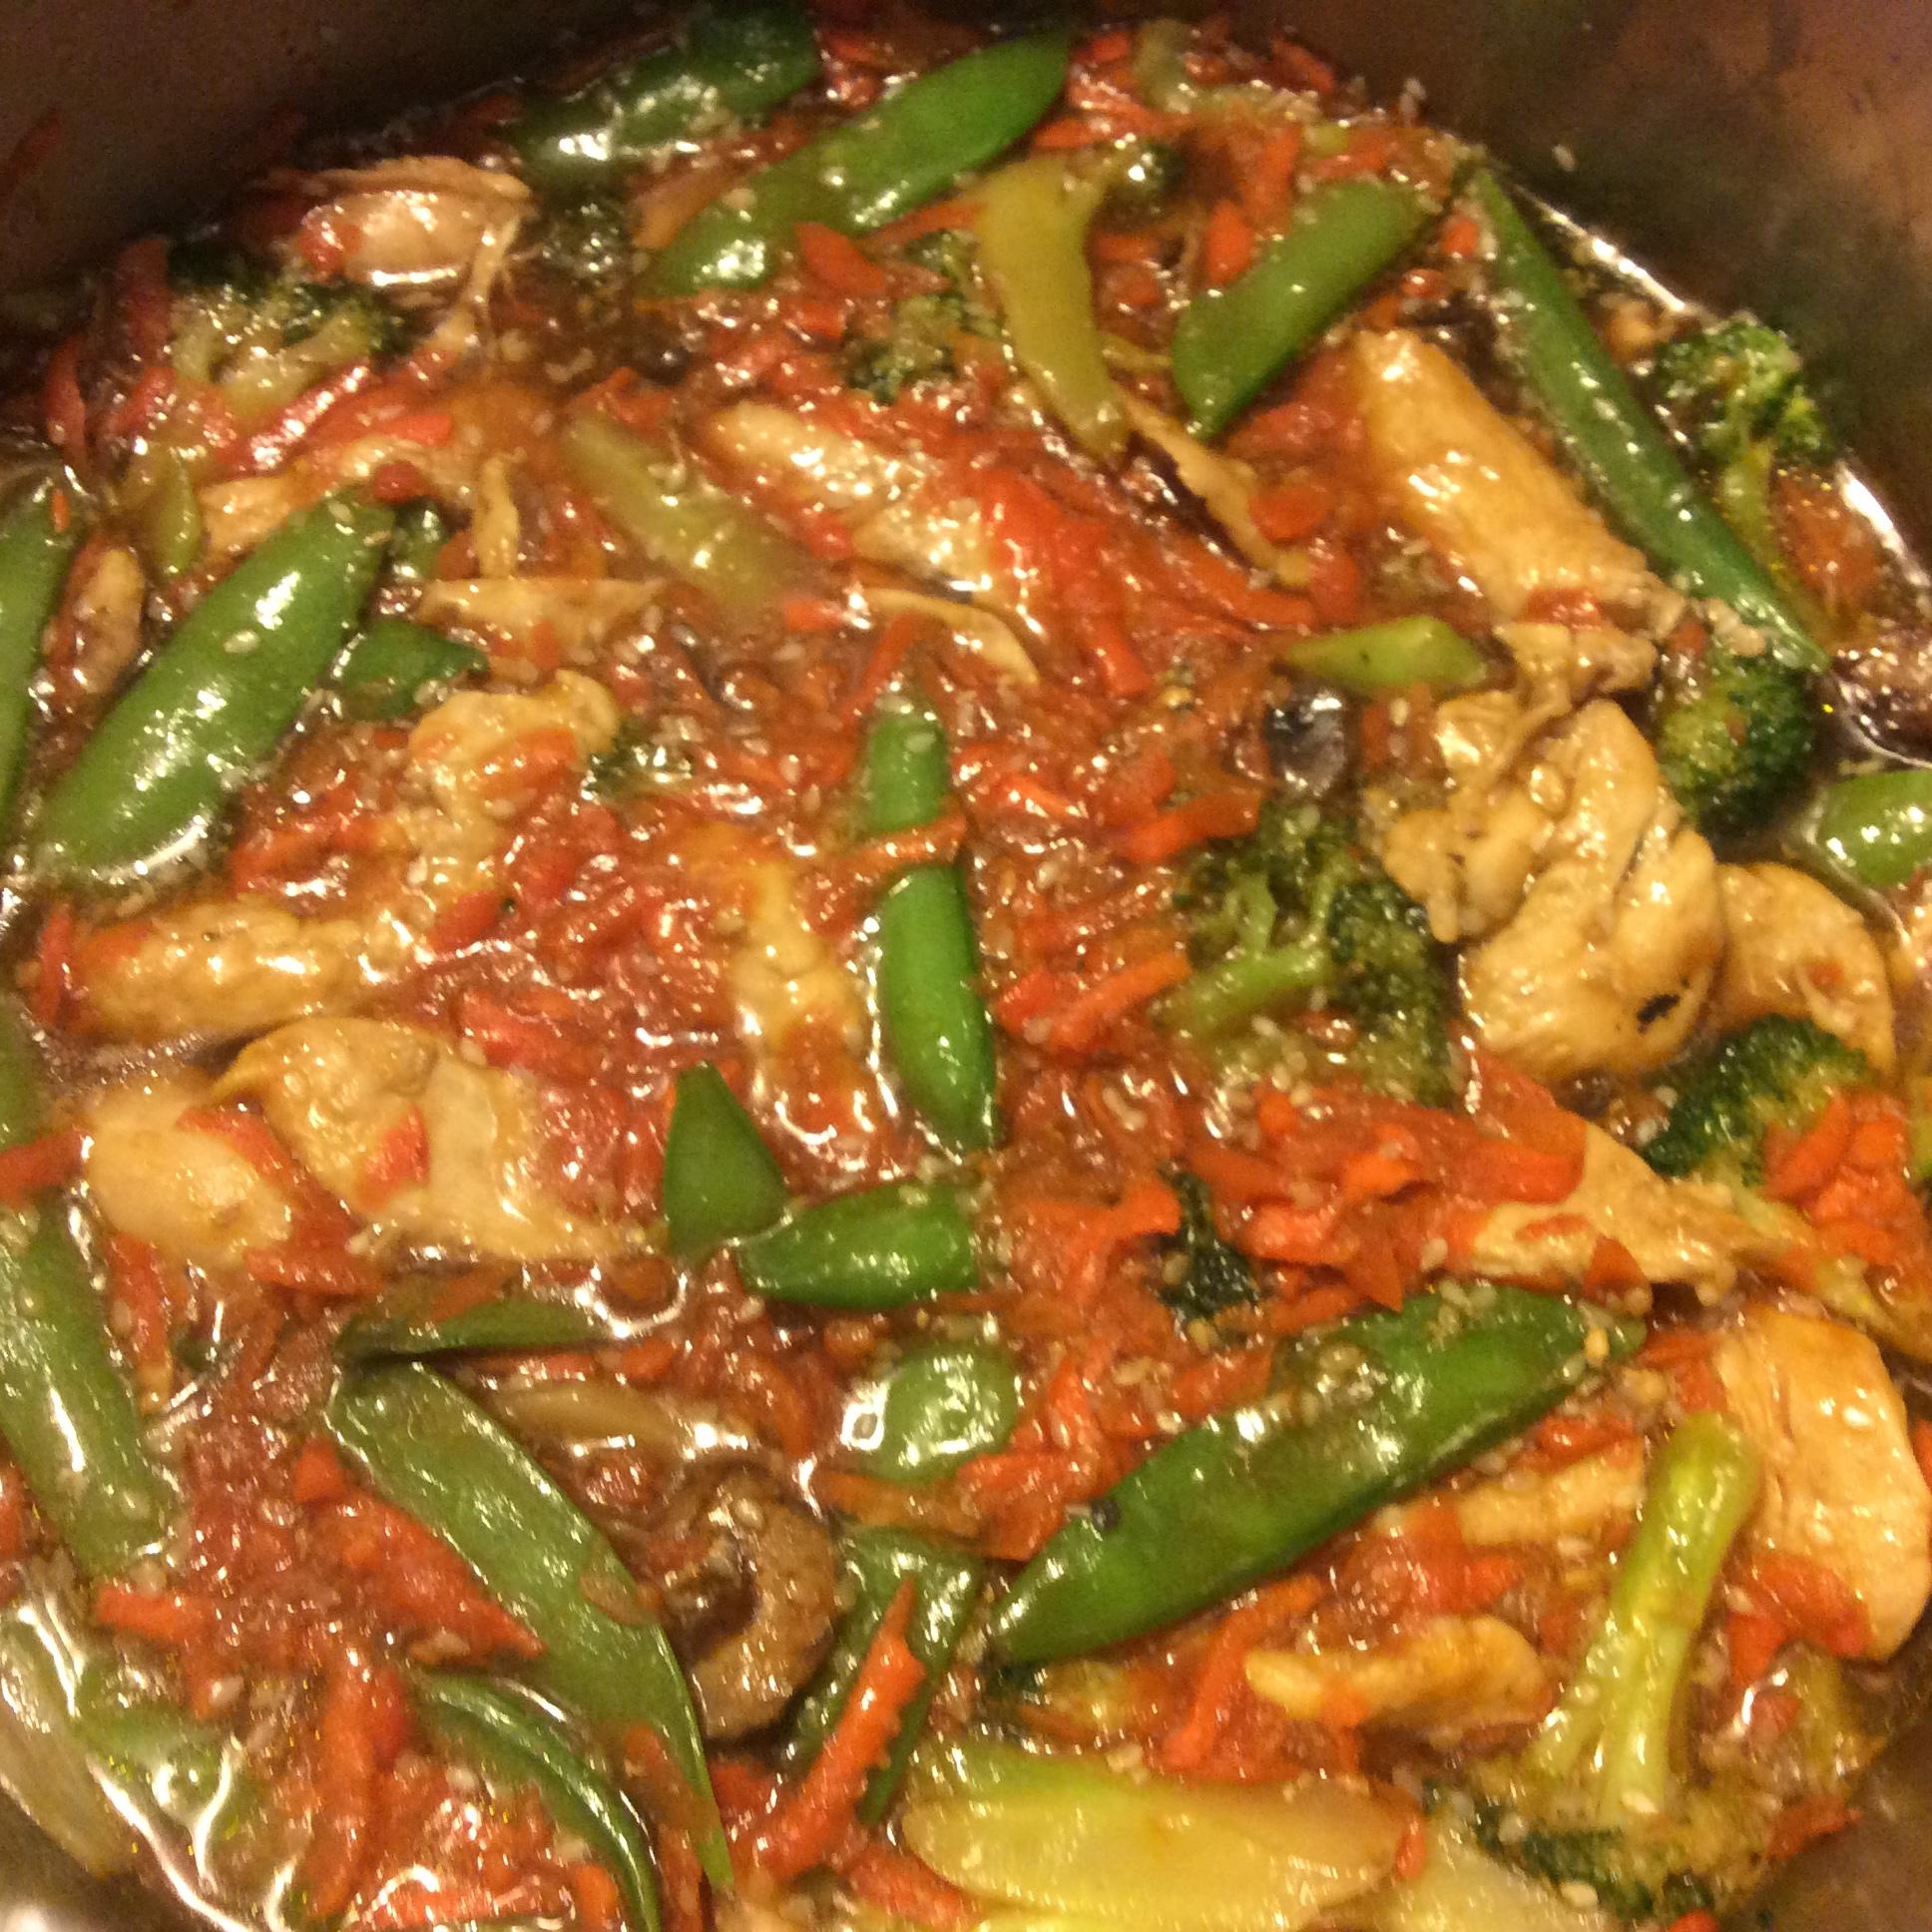 Garlic Chicken Stir Fry